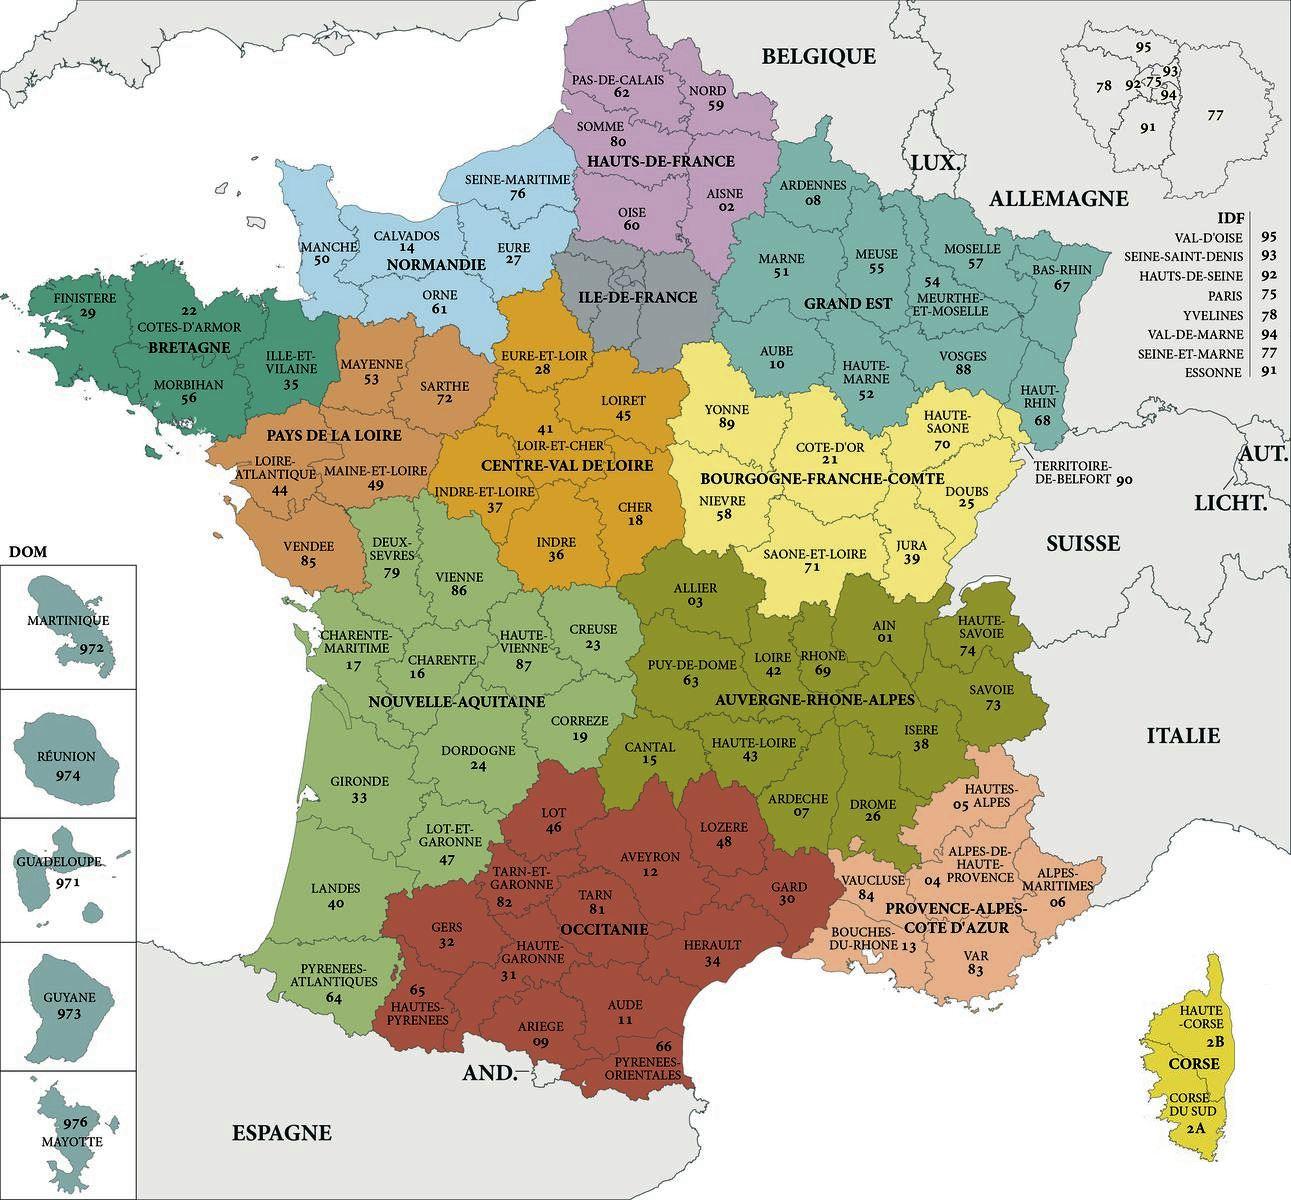 Carte De France Departements : Carte Des Départements De France intérieur Carte De La France Par Département